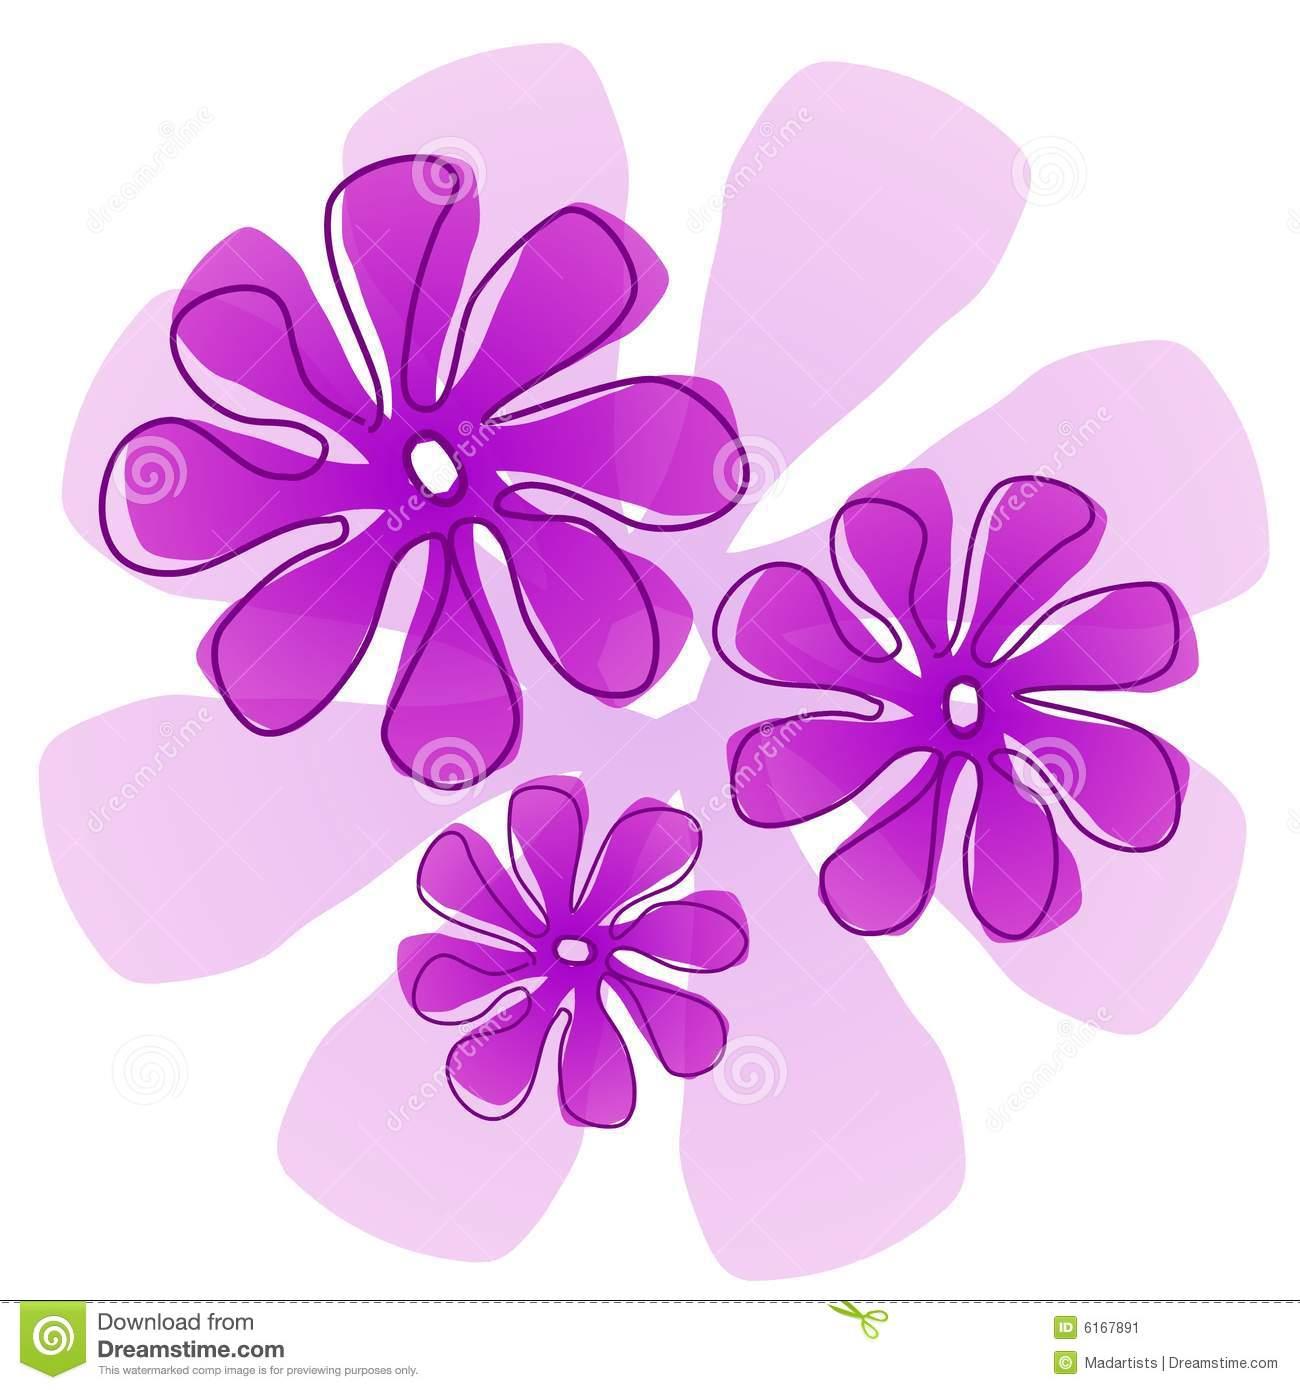 Purple flowers clip art jpg download Purple Flowers Clip Art Stock Image - Image: 6167891 jpg download